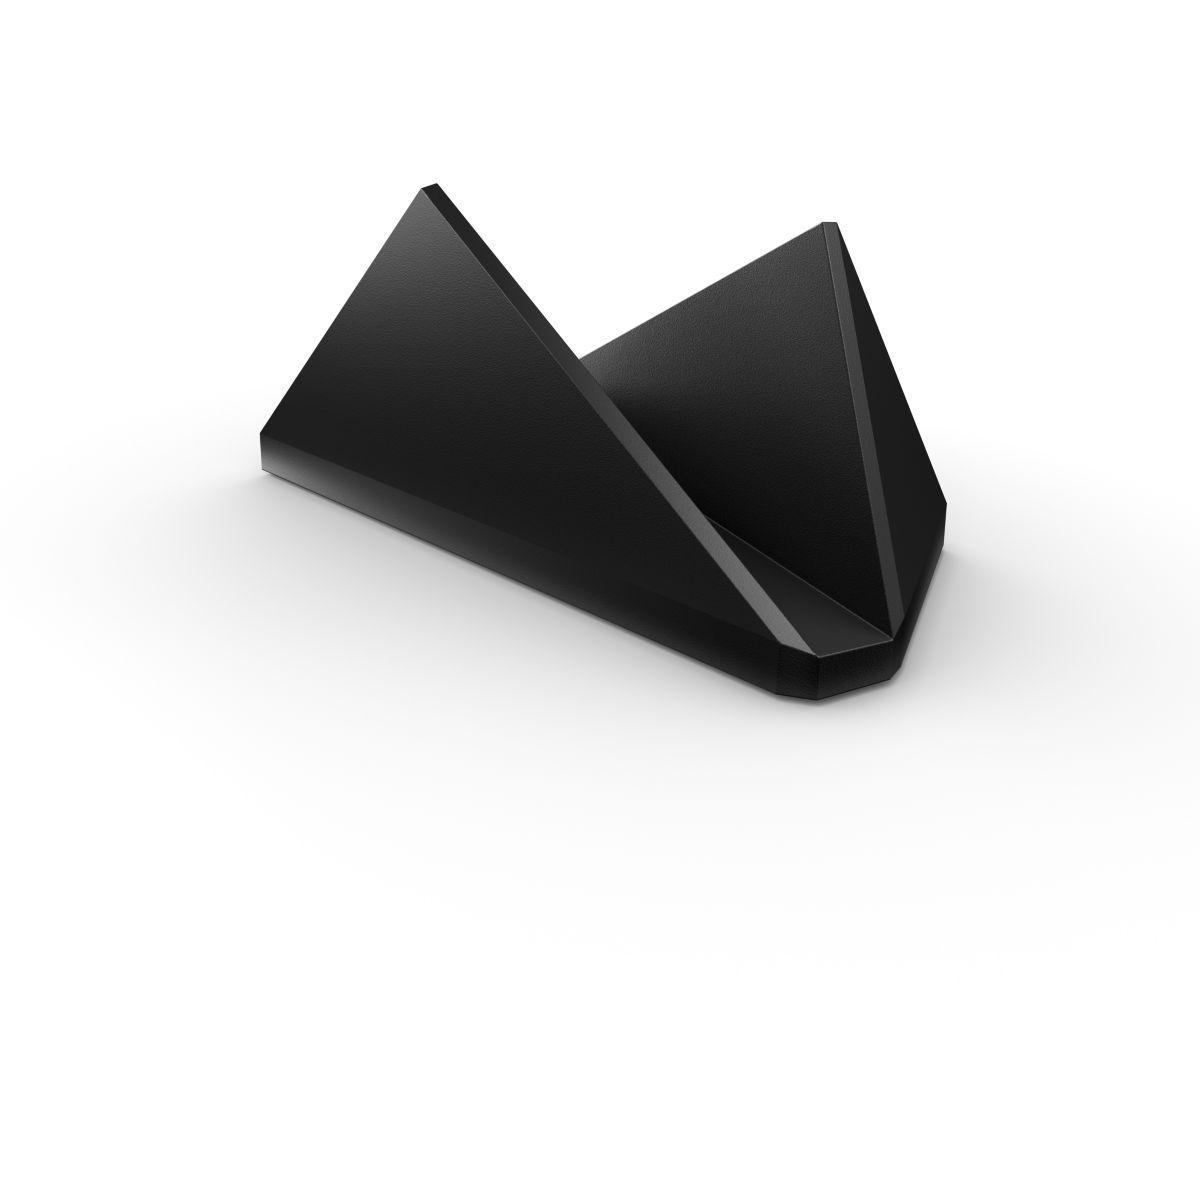 Support nvidia pour shield tv - 2% de remise immédiate avec le code : cool2